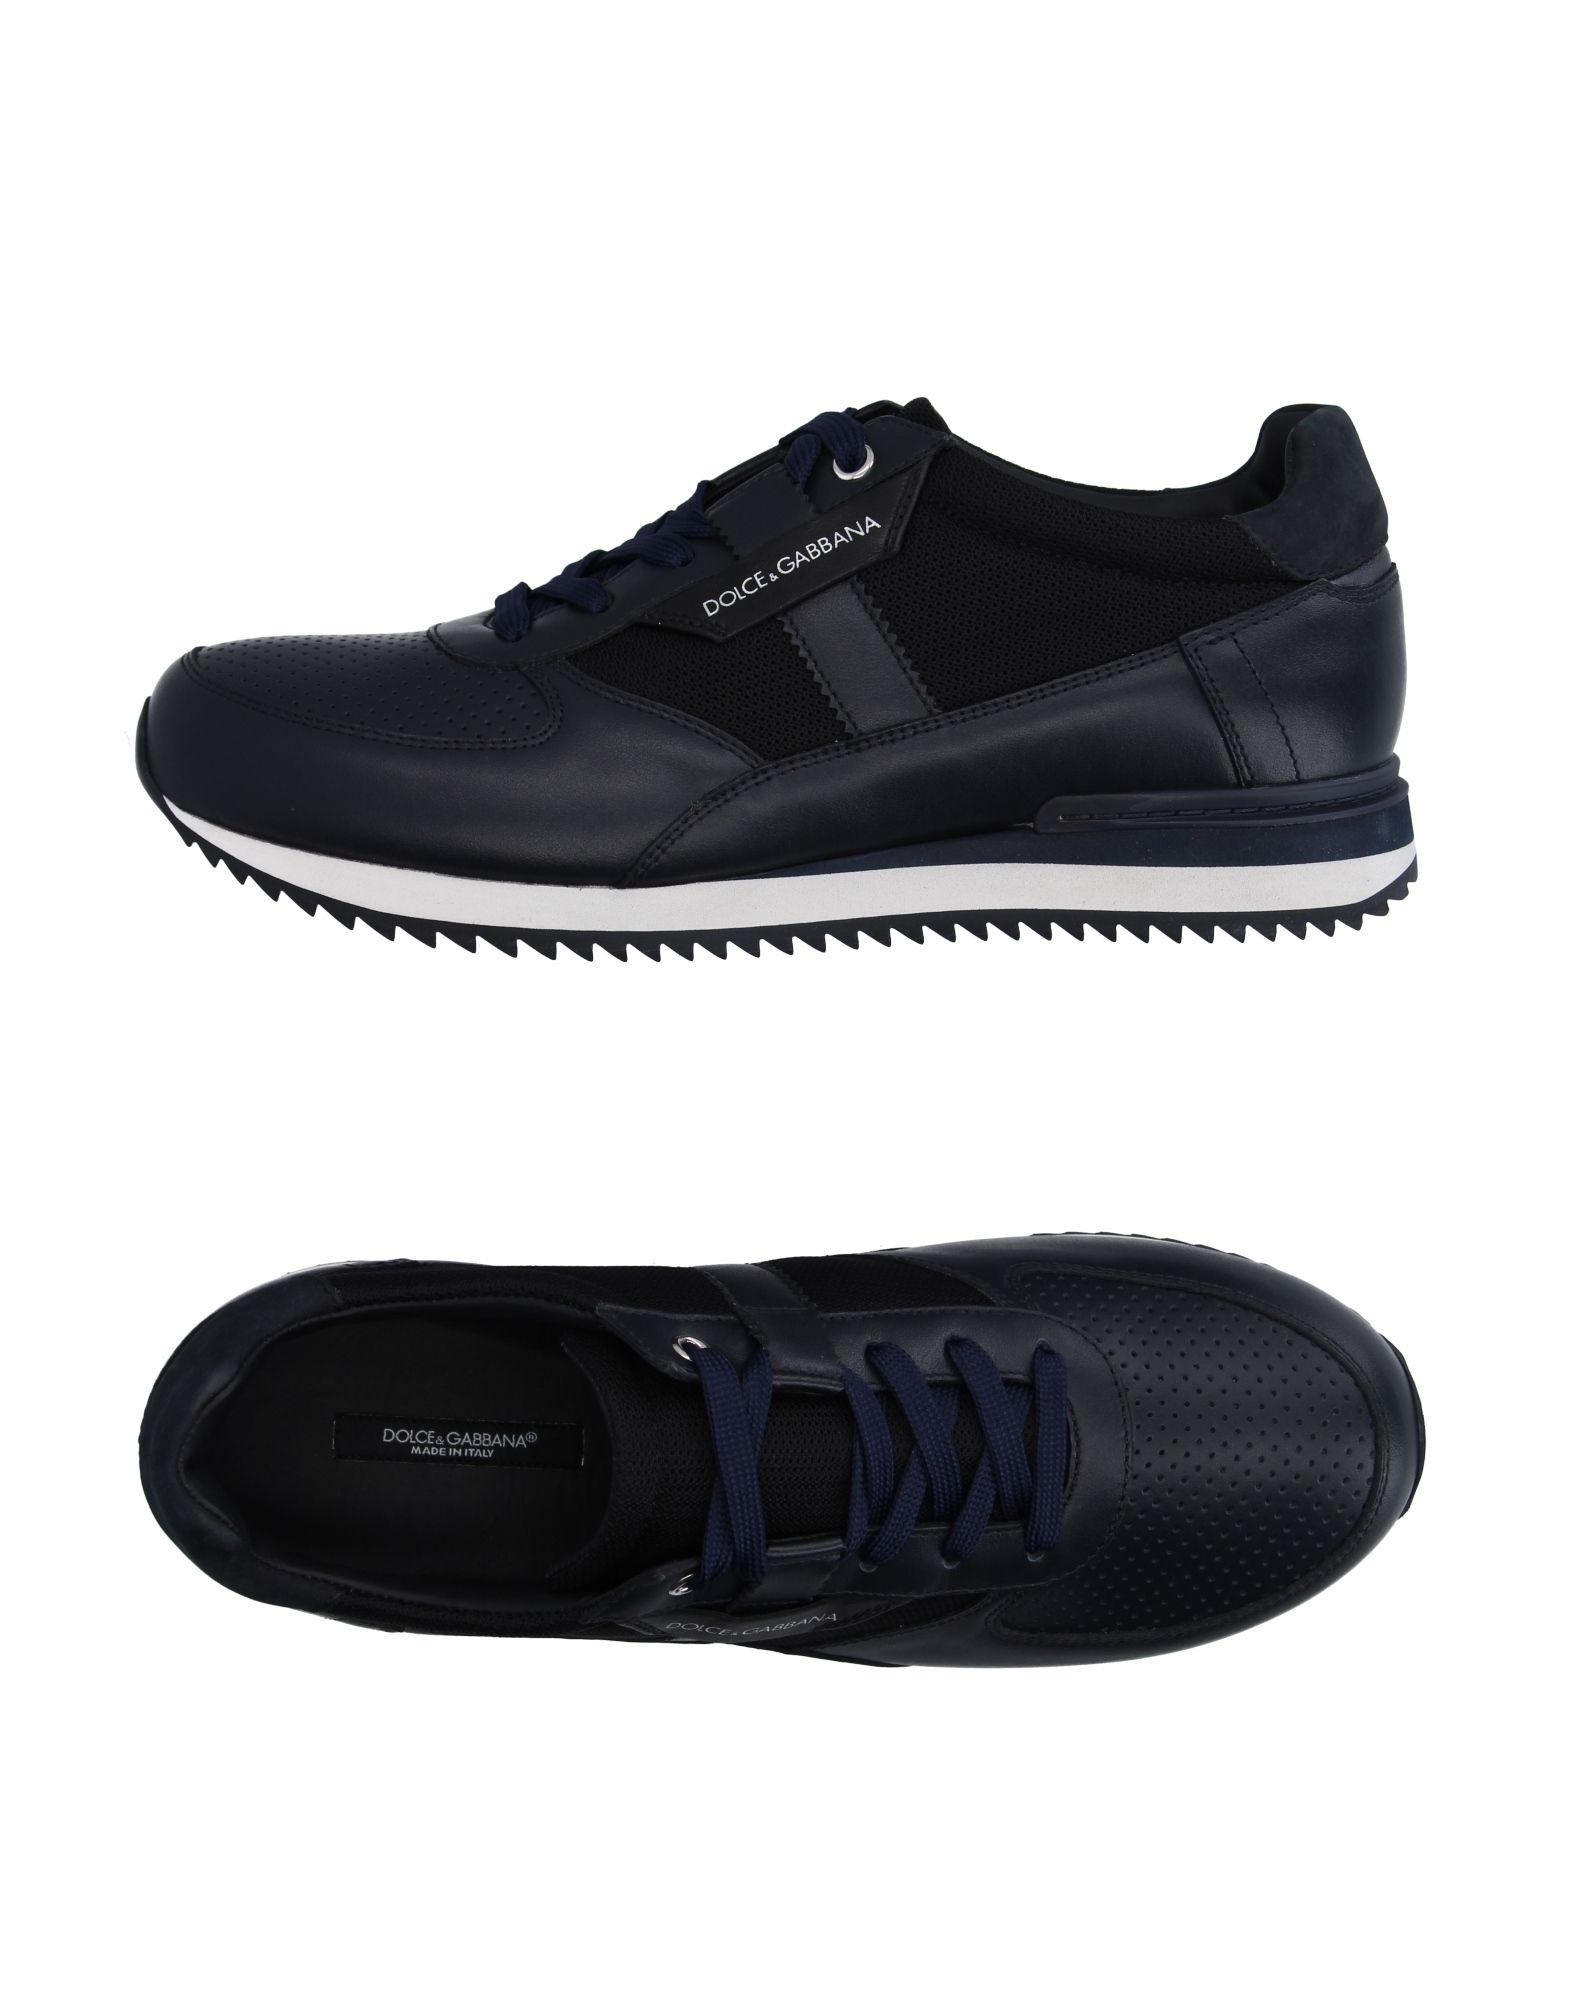 Dolce Men & Gabbana Sneakers - Men Dolce Dolce & Gabbana Sneakers online on  United Kingdom - 11182577UL 15e9fb